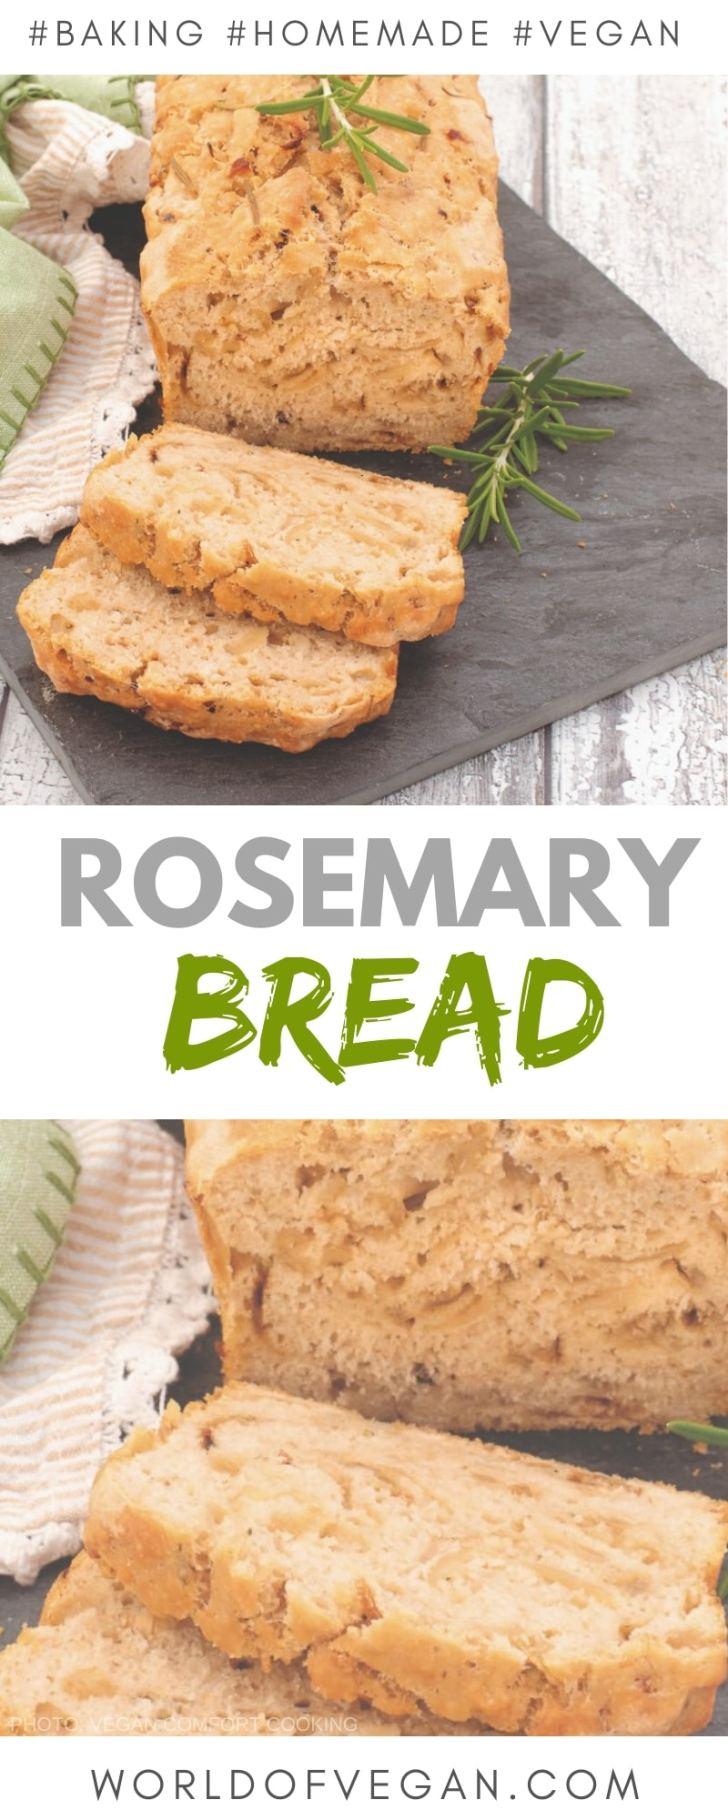 Rosemary Beer Bread Recipe   Homemade Bread   World of Vegan   #bread #rosemary #beer #homemade #baking #vegan #worldofvegan